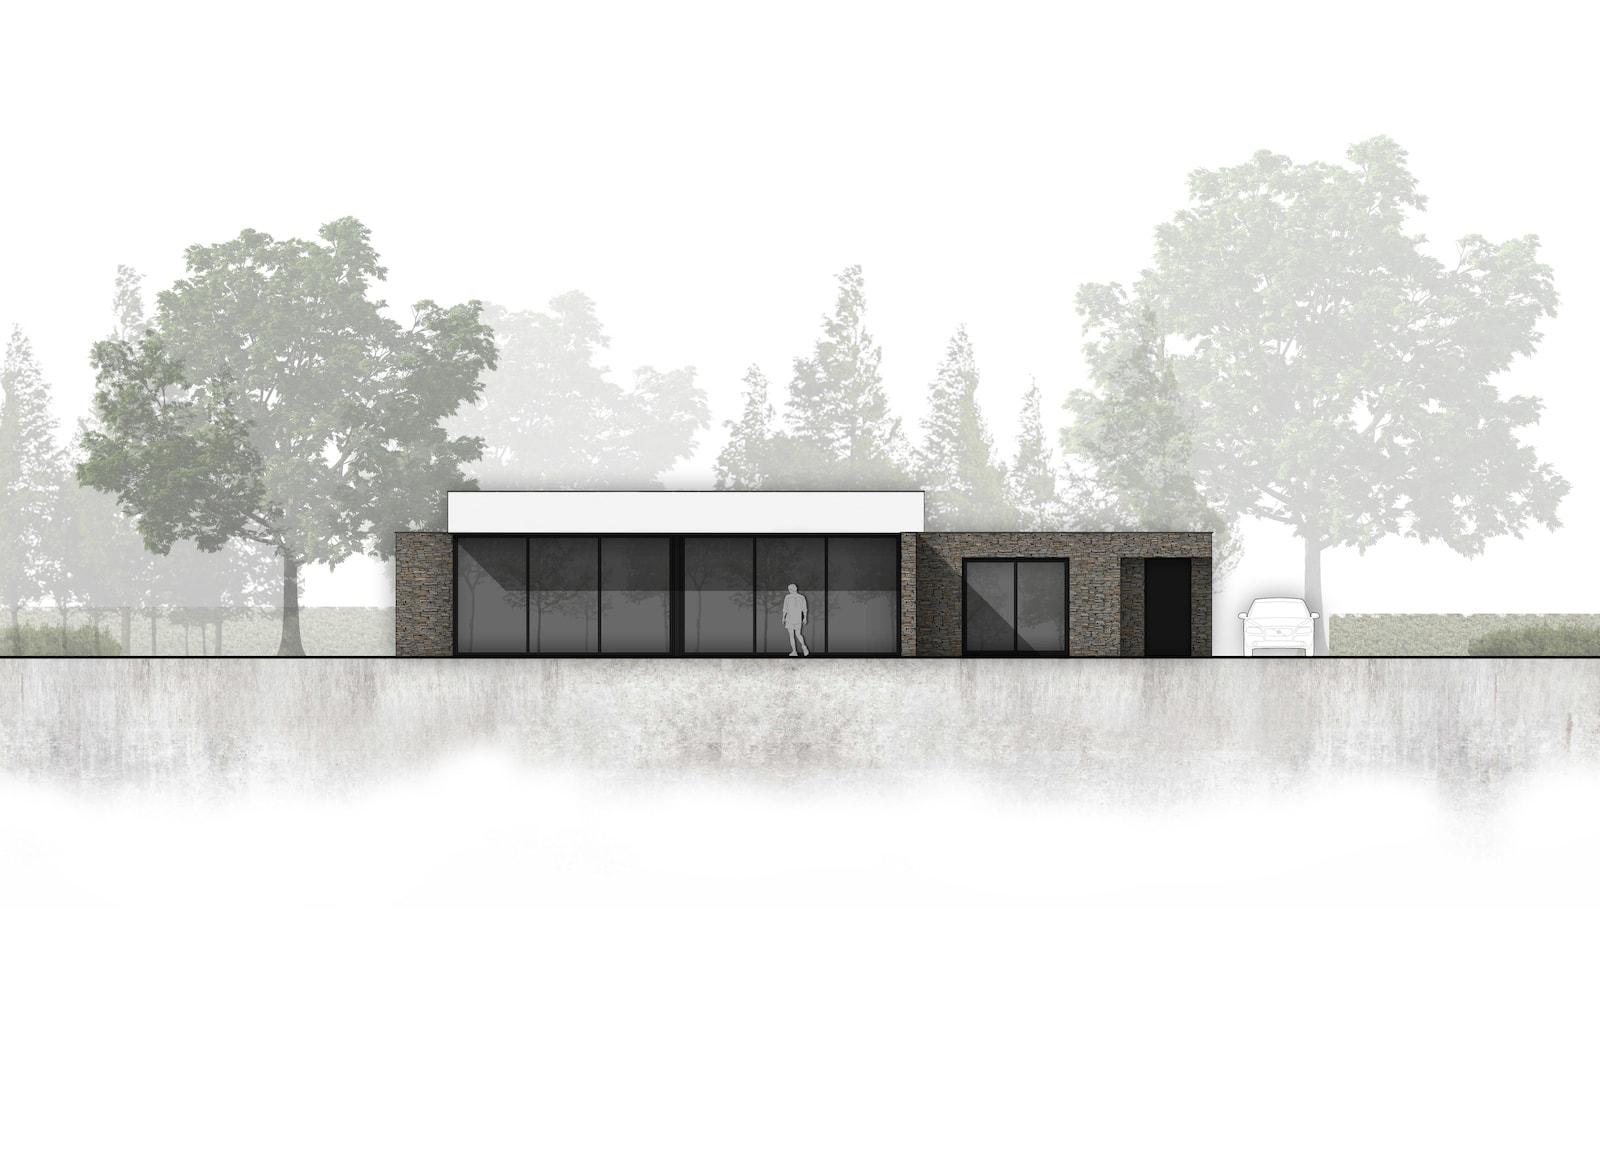 van-os-architecten-breda-nieuwbouw-moderne-bungalow-in-zichtwerk-natuurgevelsteen-en-gevelstucwerk-in-breda-achtergevel-met-overstek-en-veranda